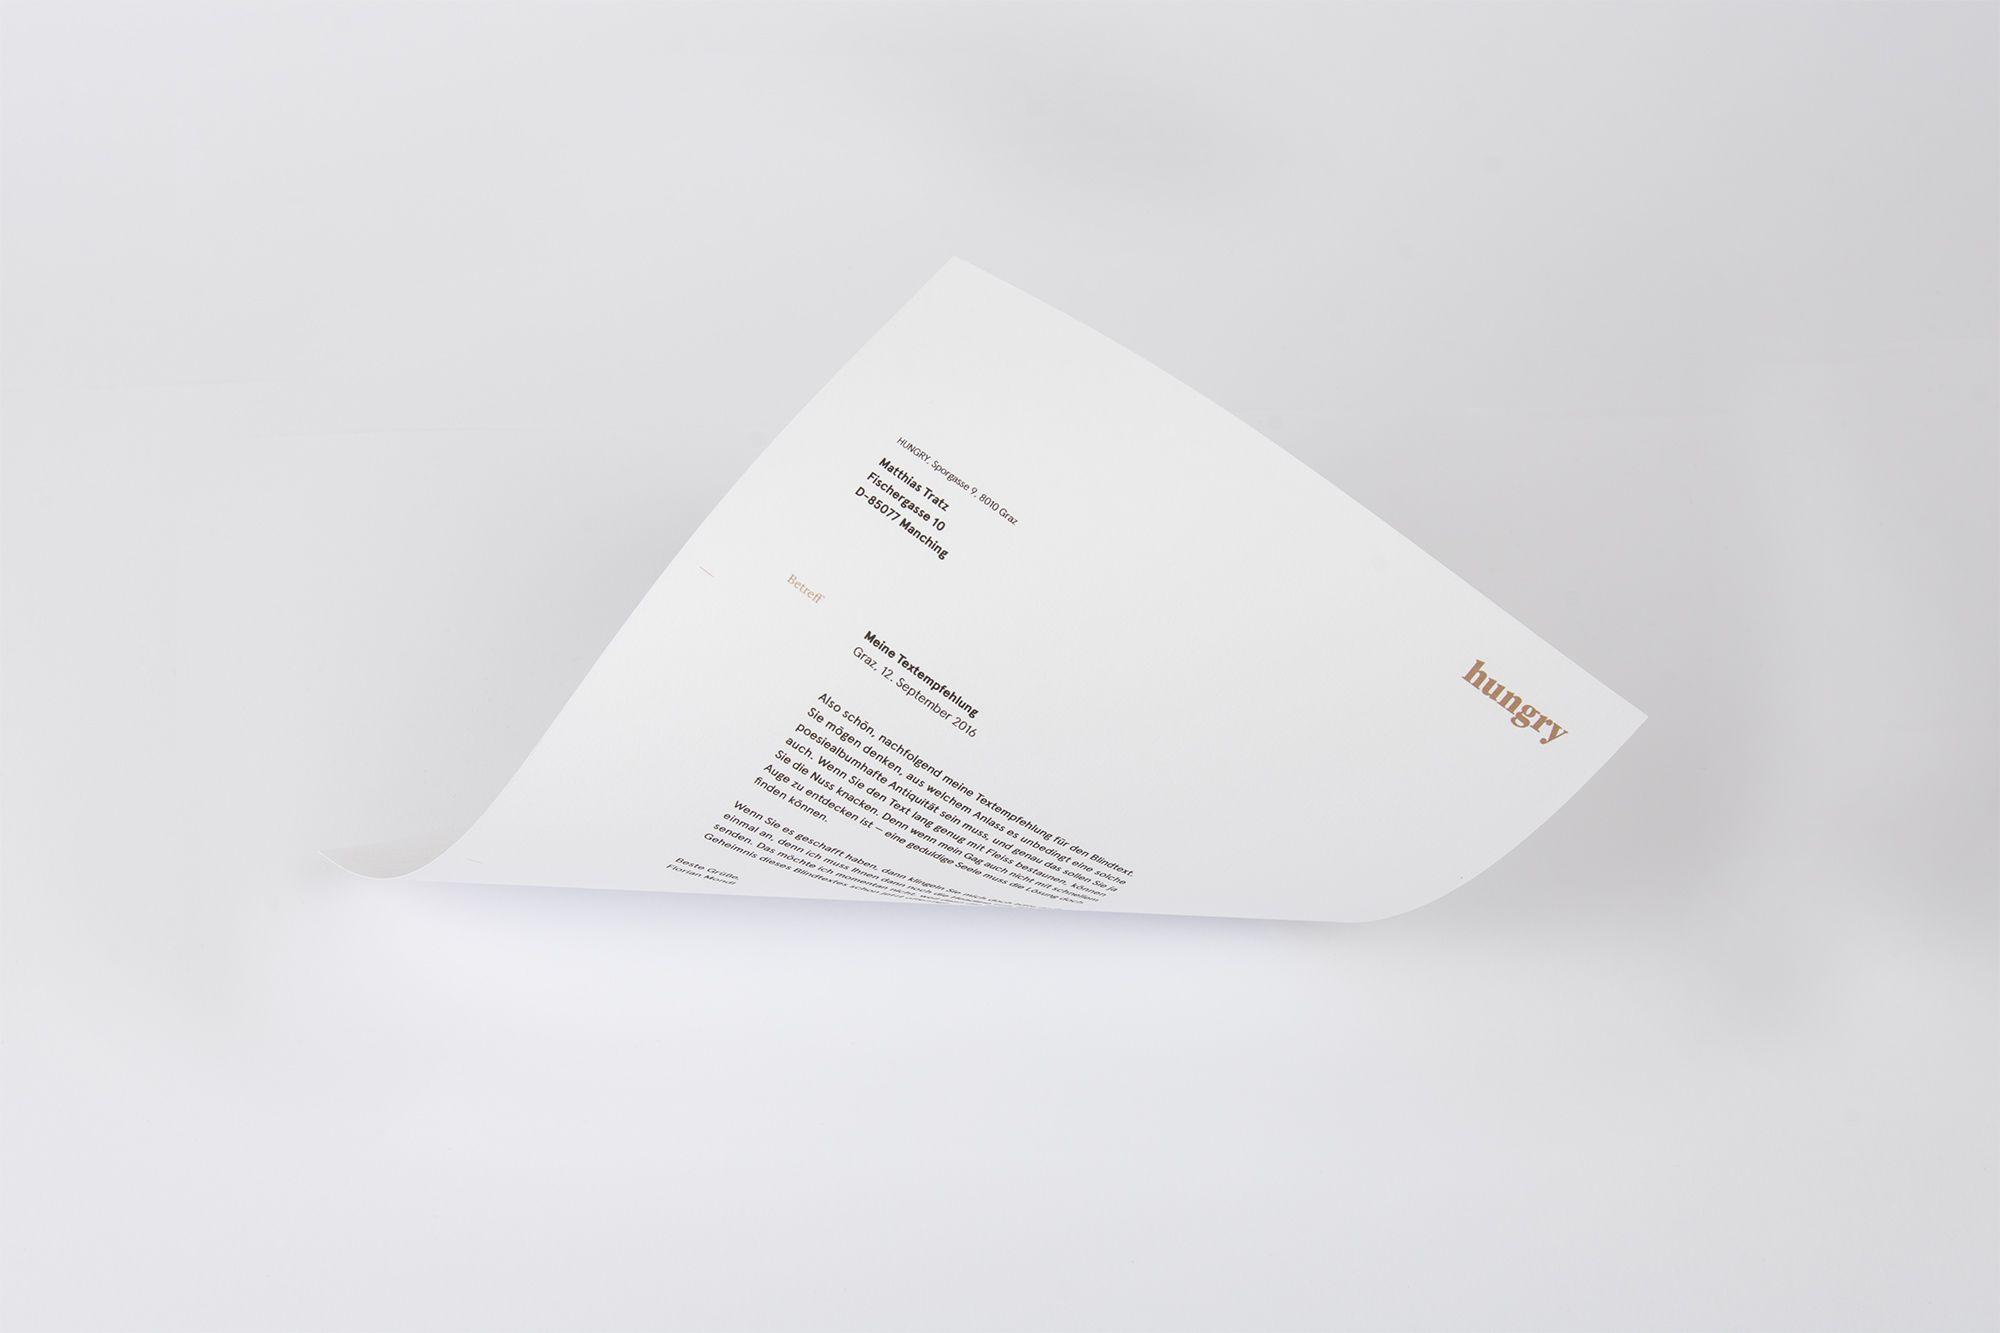 HUNGRY / Designstudio / Austria